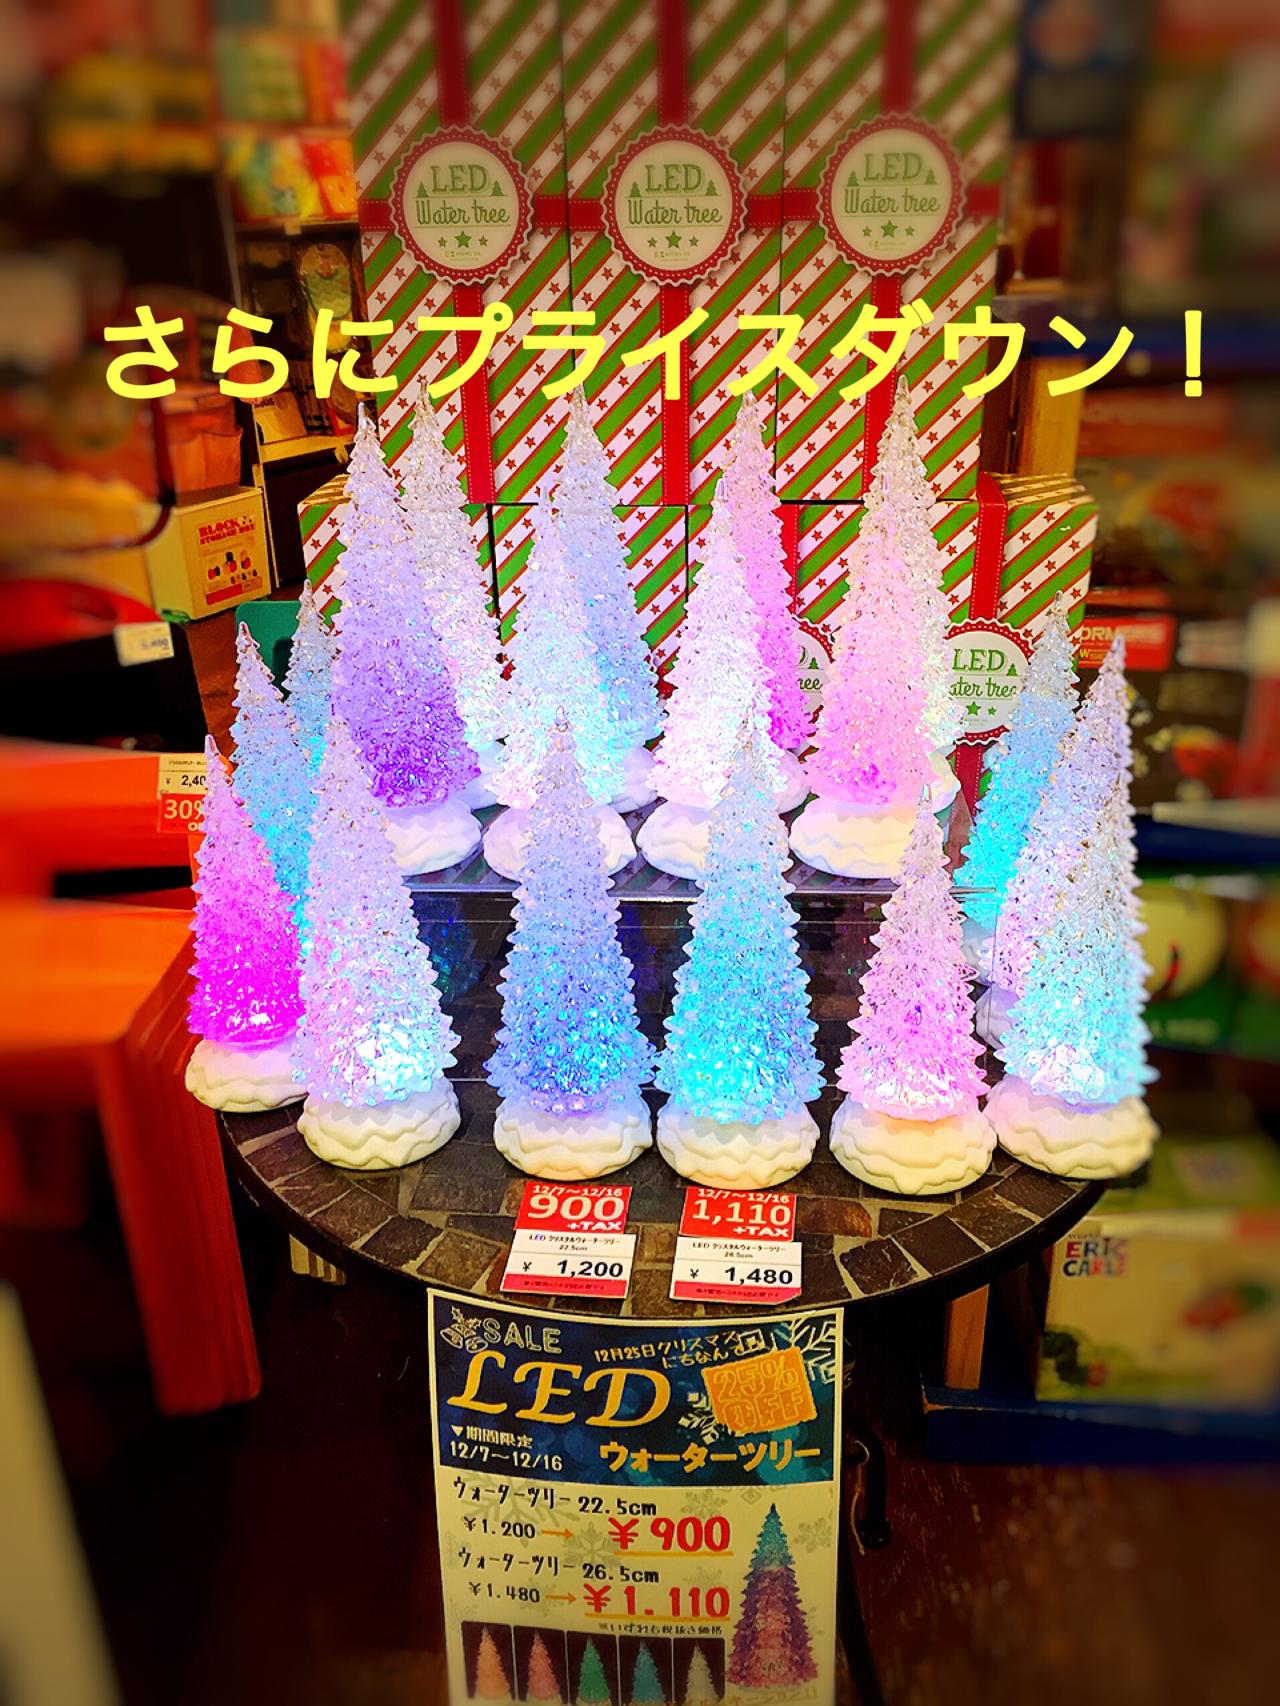 「【ついに】LEDクリスタルウォーターツリー【ラストチャンス】」の写真